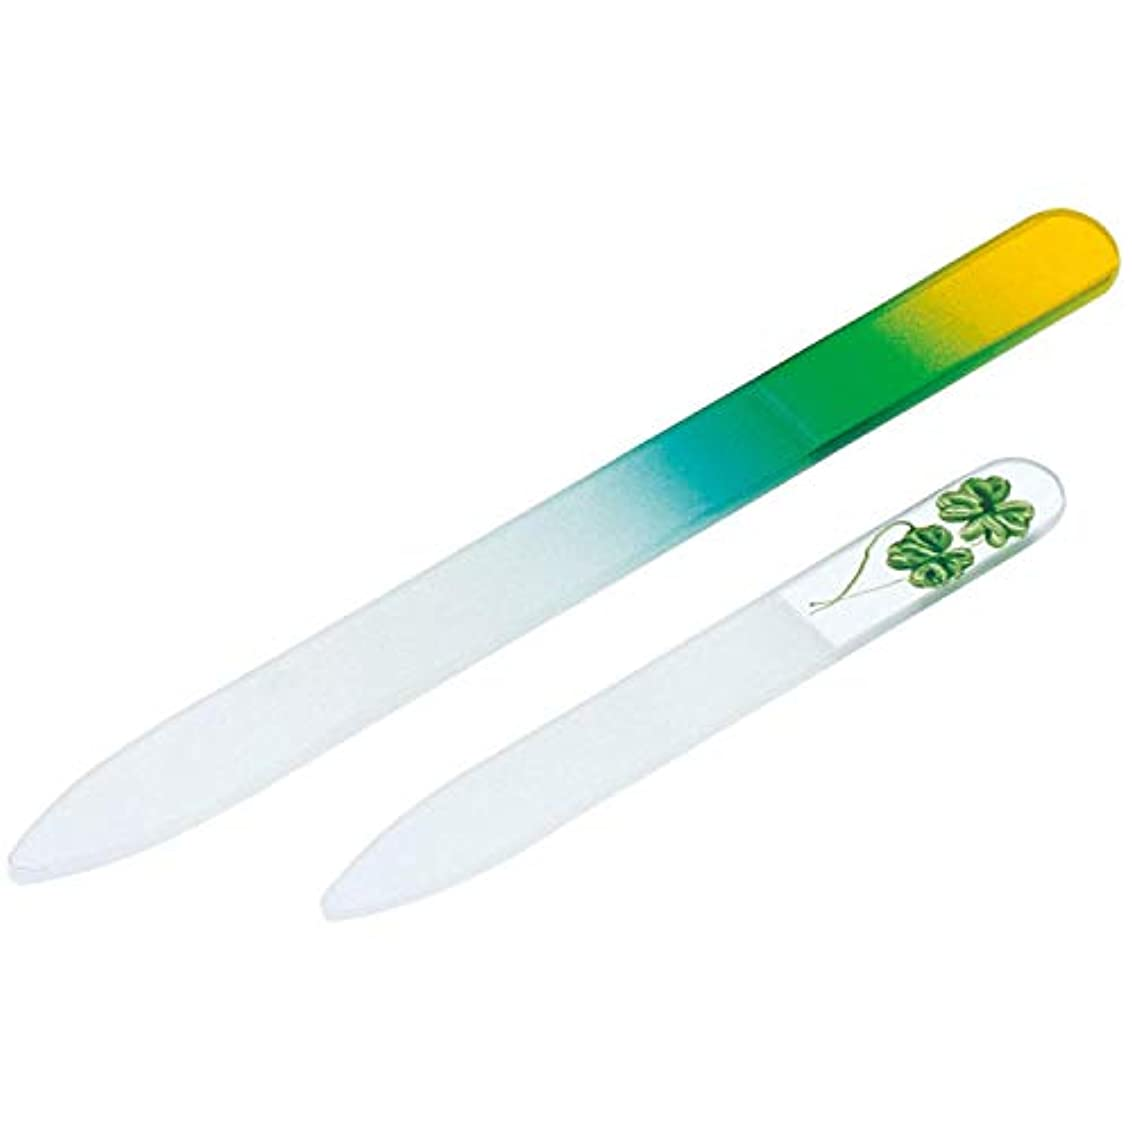 サーカス通常放置ガラス製爪やすり 大小2個セット 水洗い可 子ども 携帯用 つめやすり